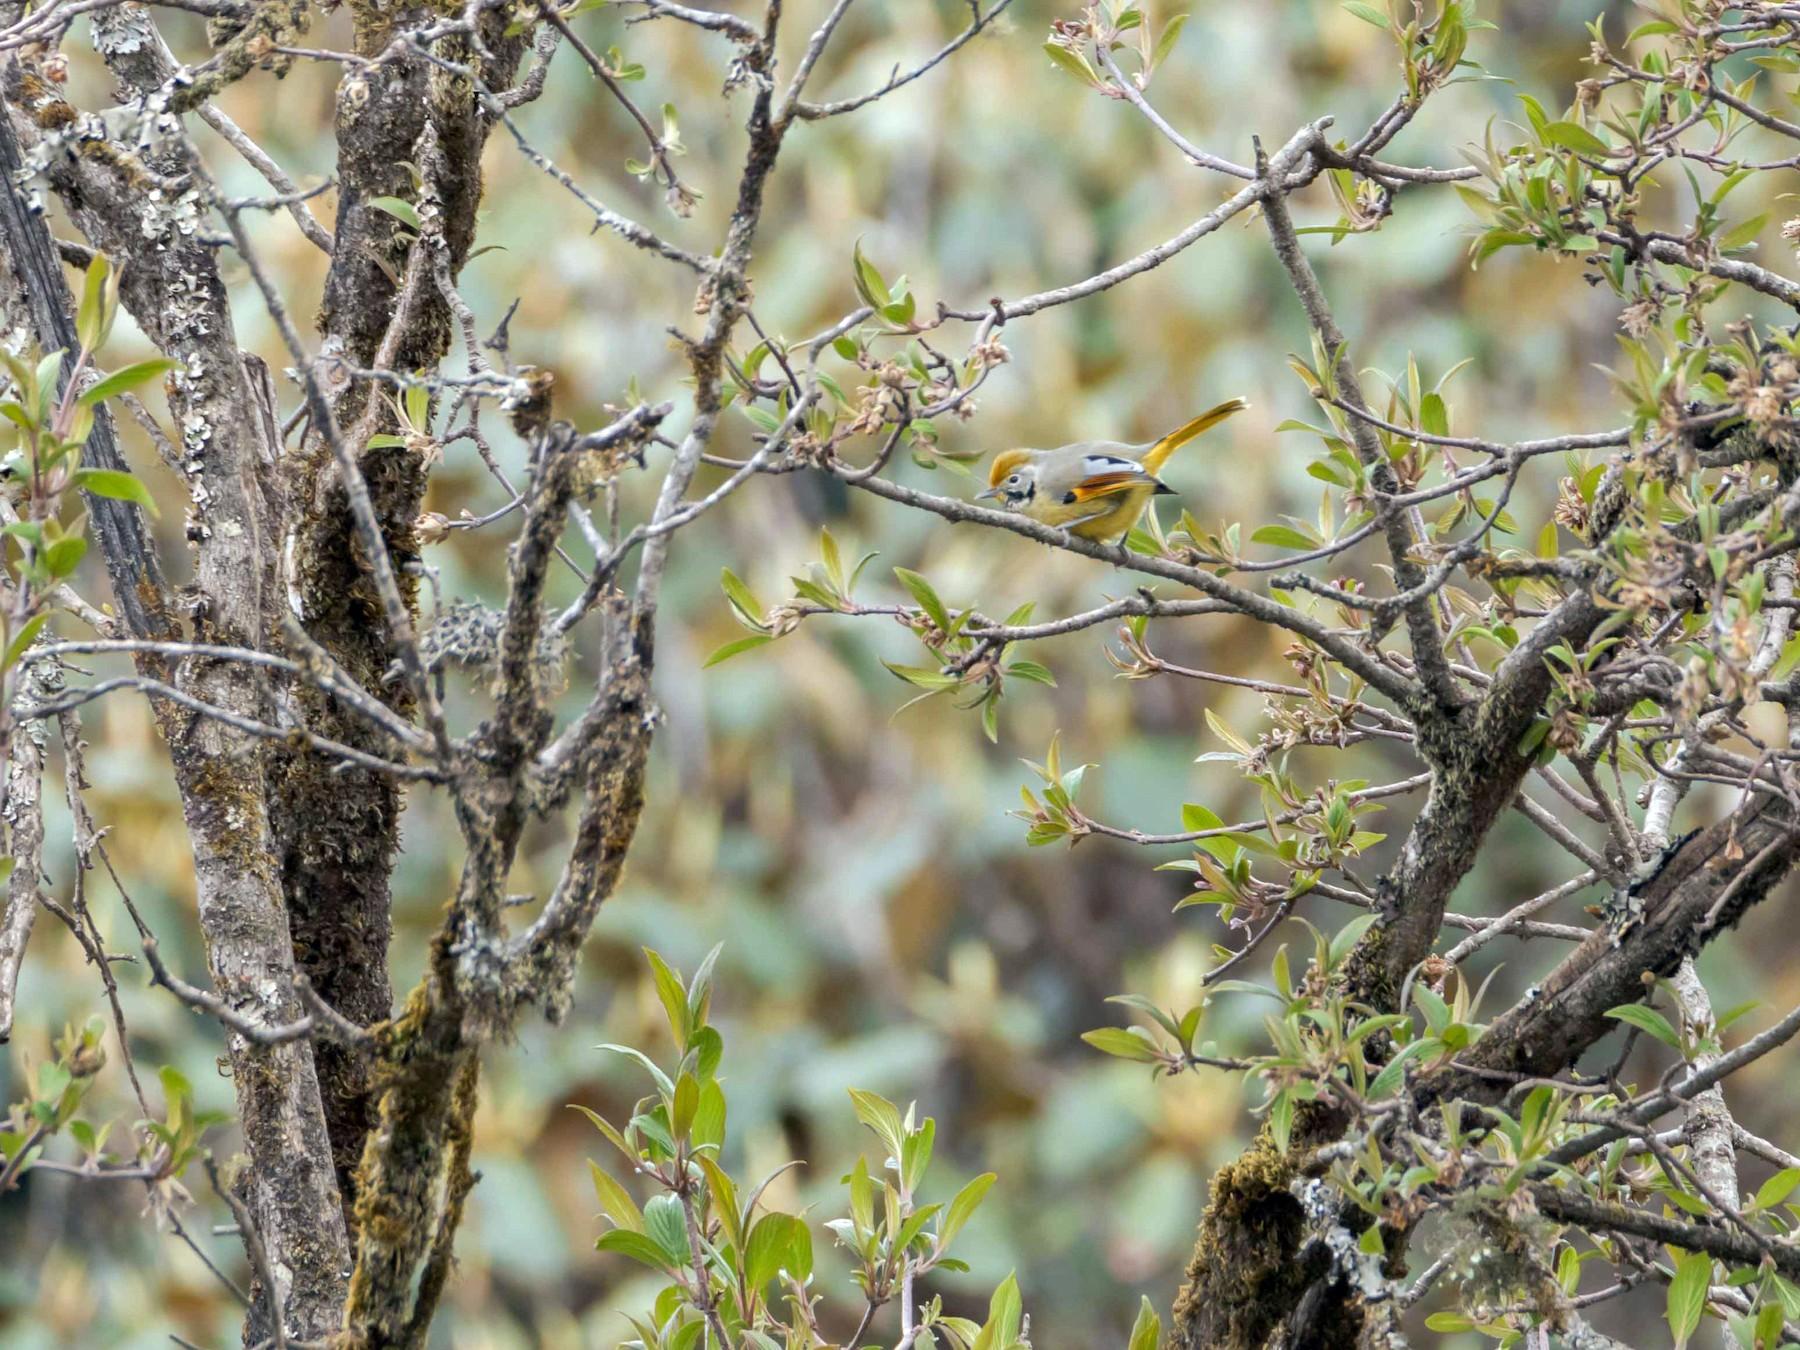 Chestnut-tailed Minla - Adithya Bhat